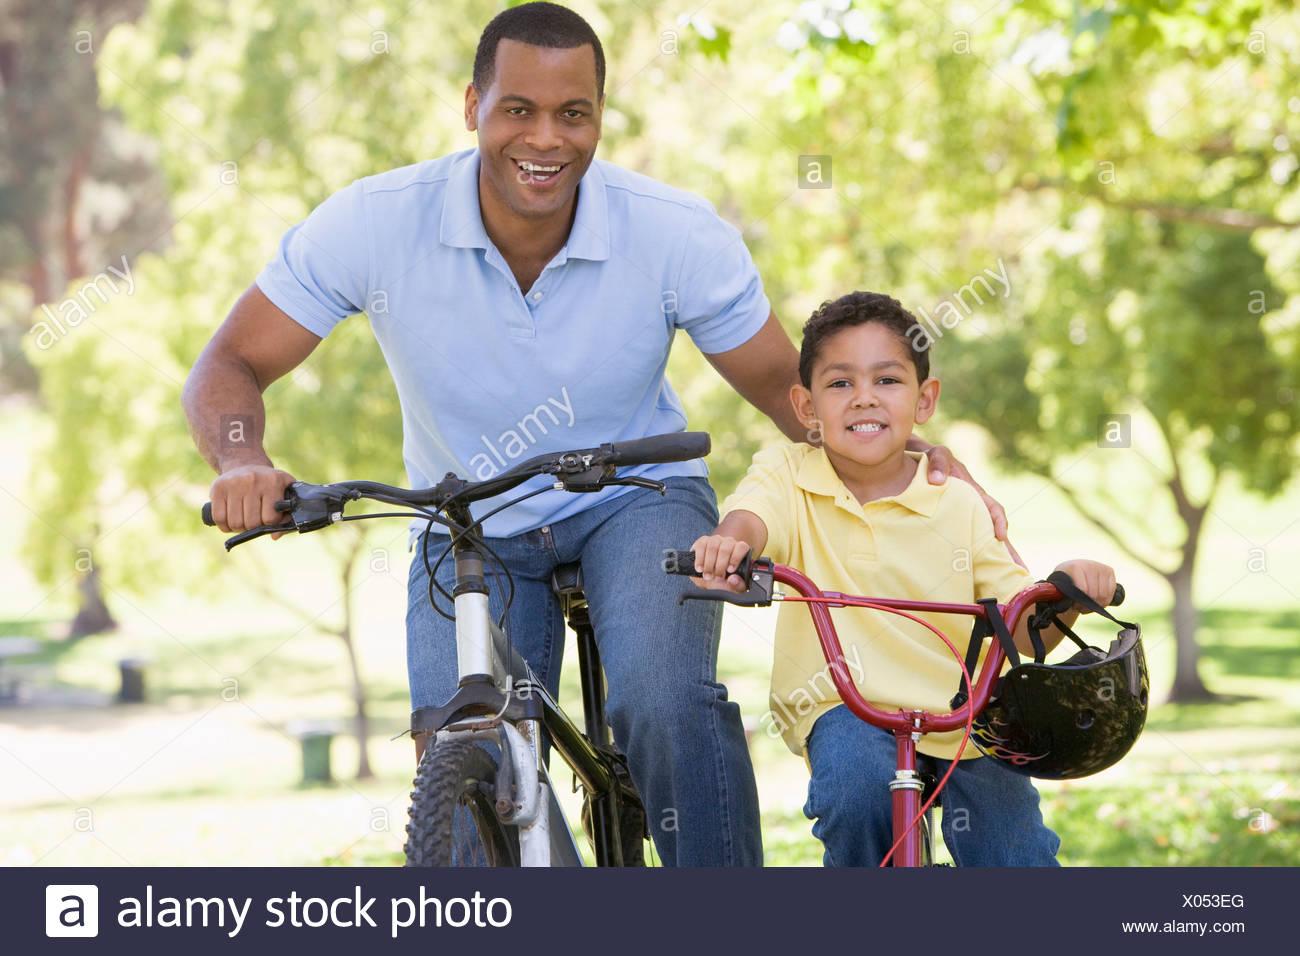 Hombre y muchacho sobre bicicletas afuera sonriendo Foto de stock